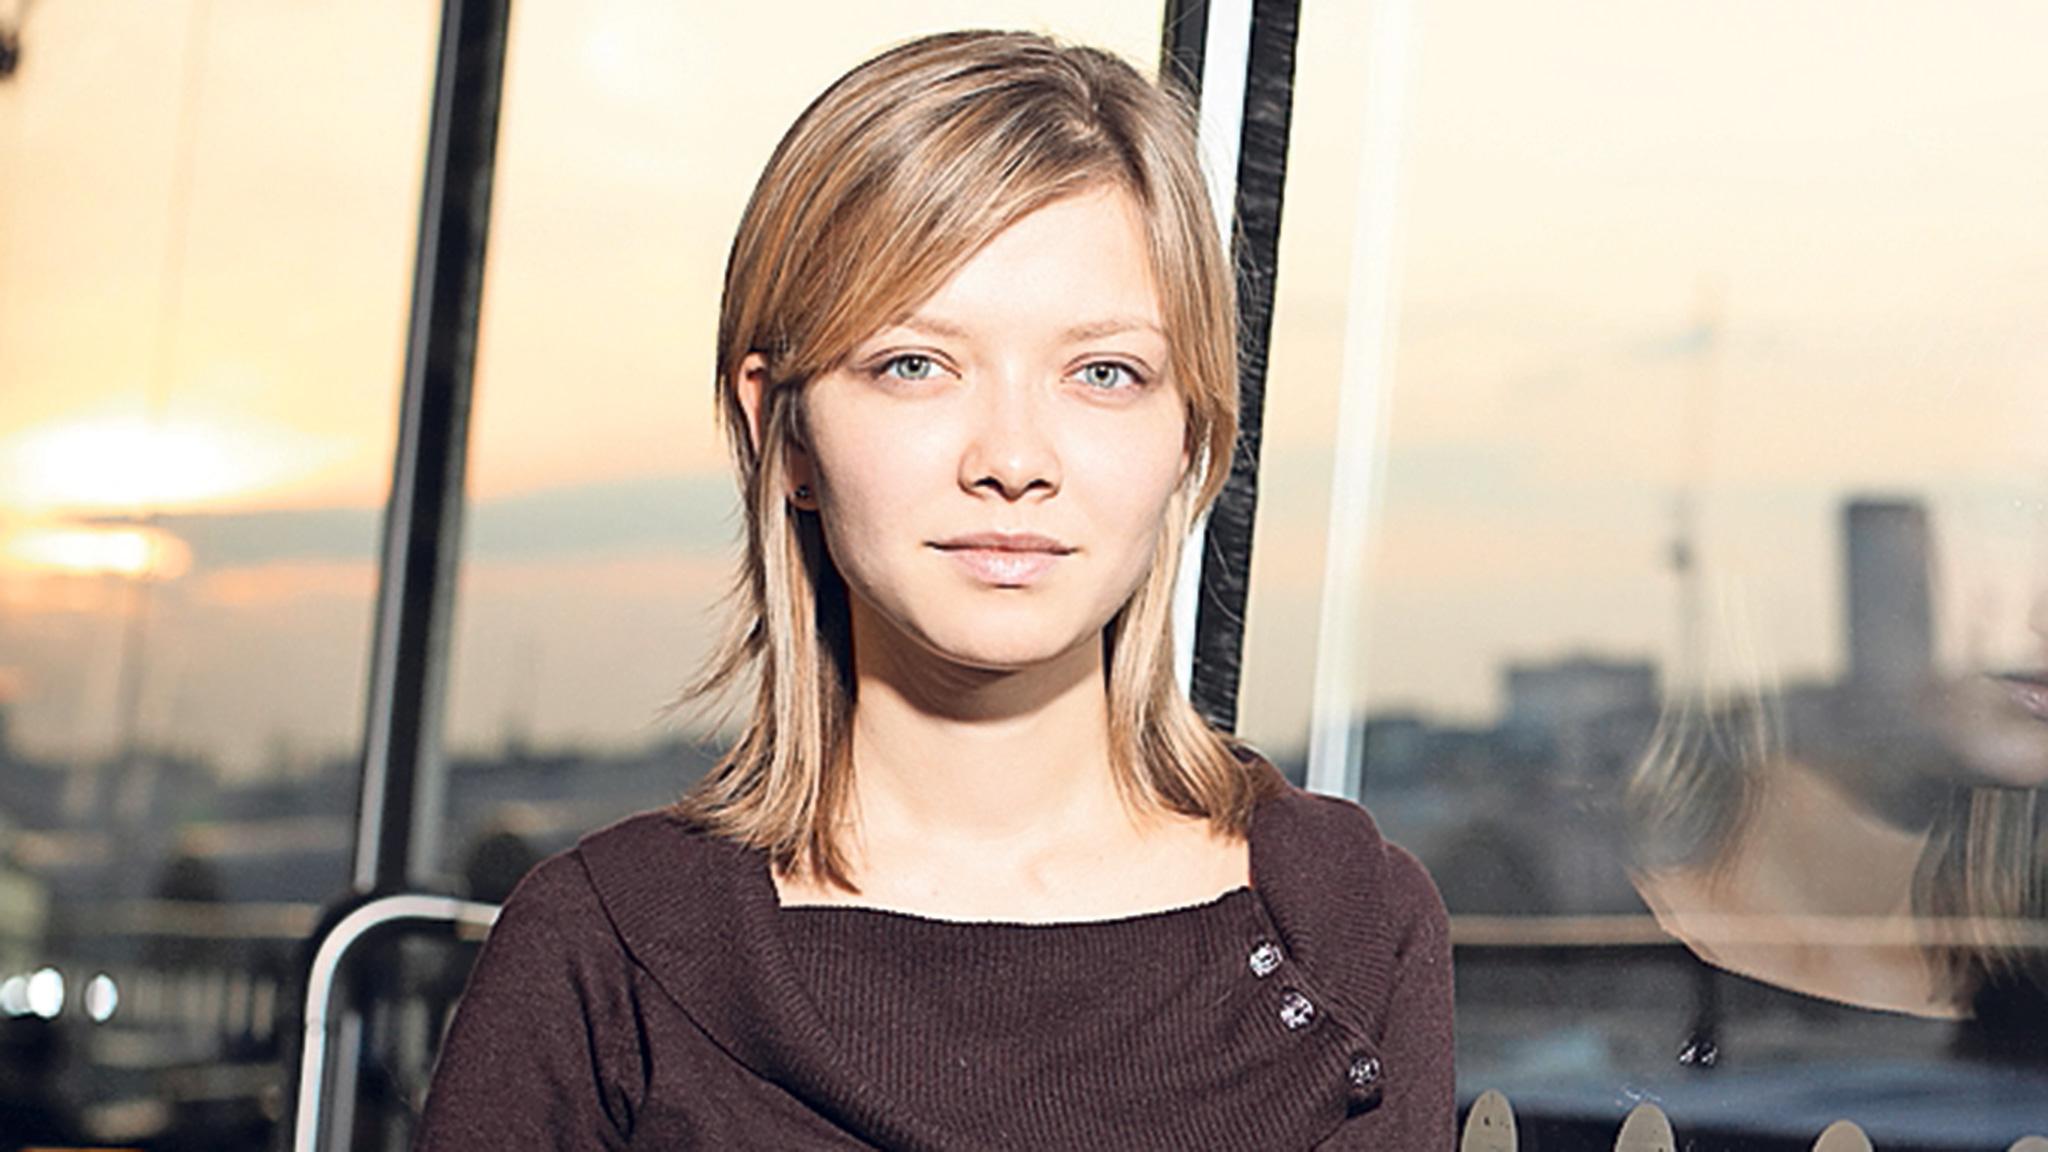 Alina Ibragimova From Russia With Dedication